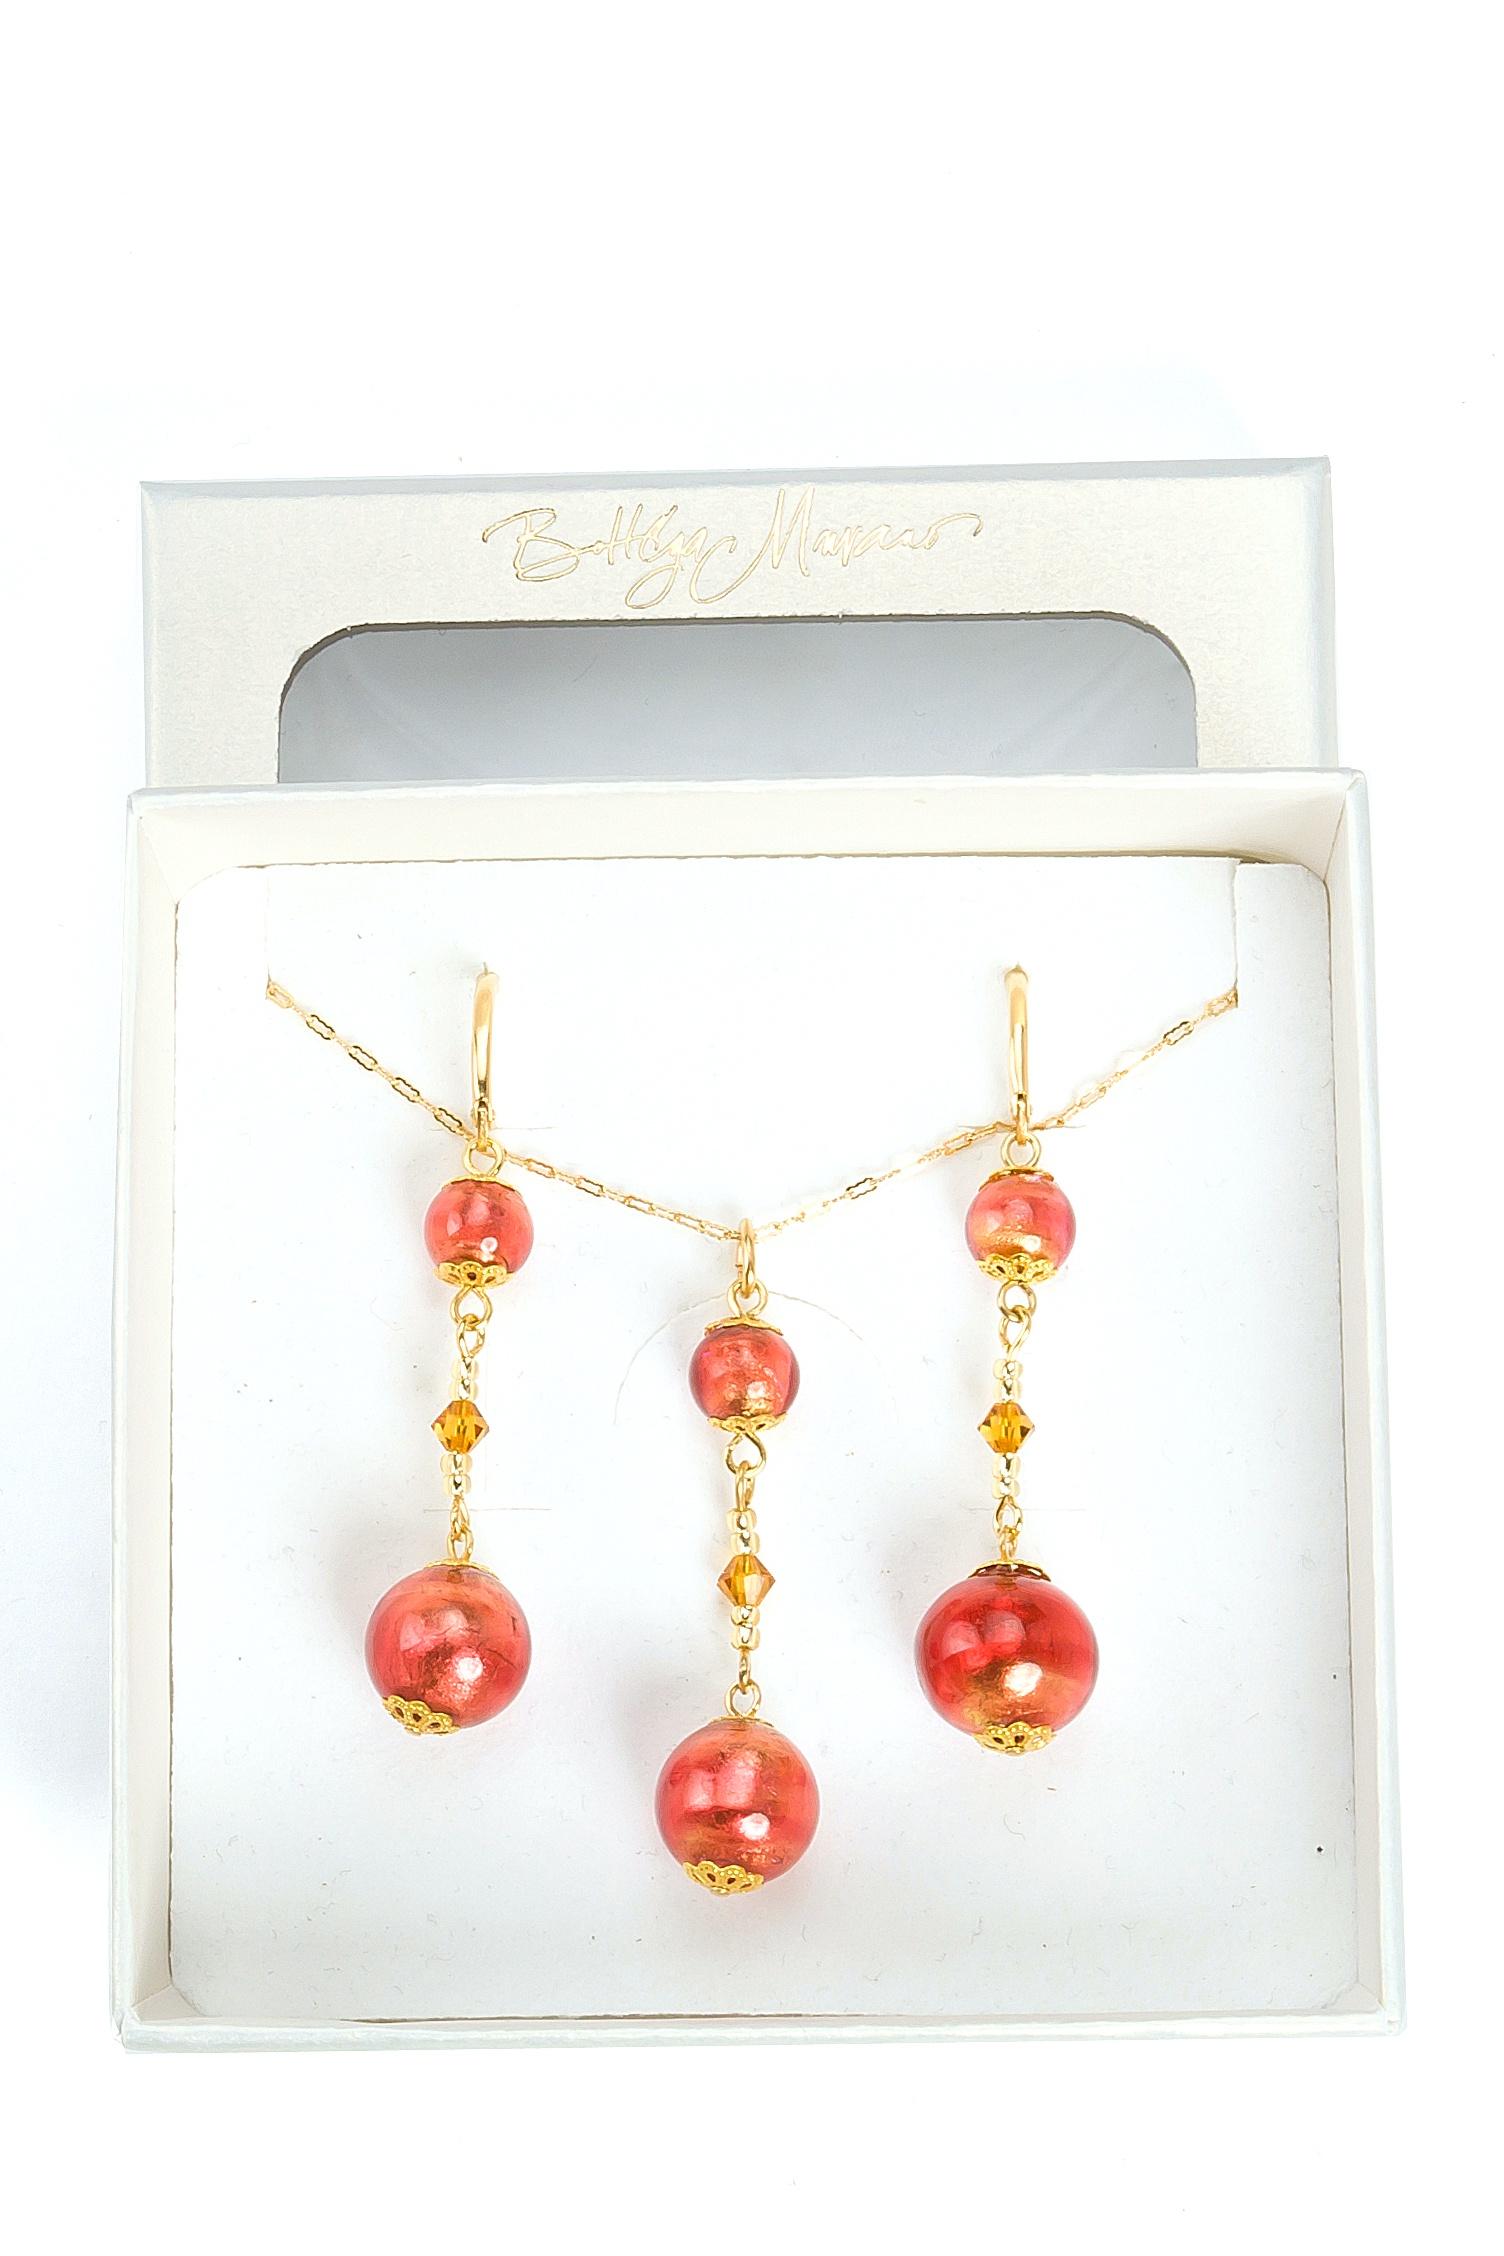 цена на Комплект бижутерии Bottega Murano 09010157-1 76004О, Муранское стекло, фуксия